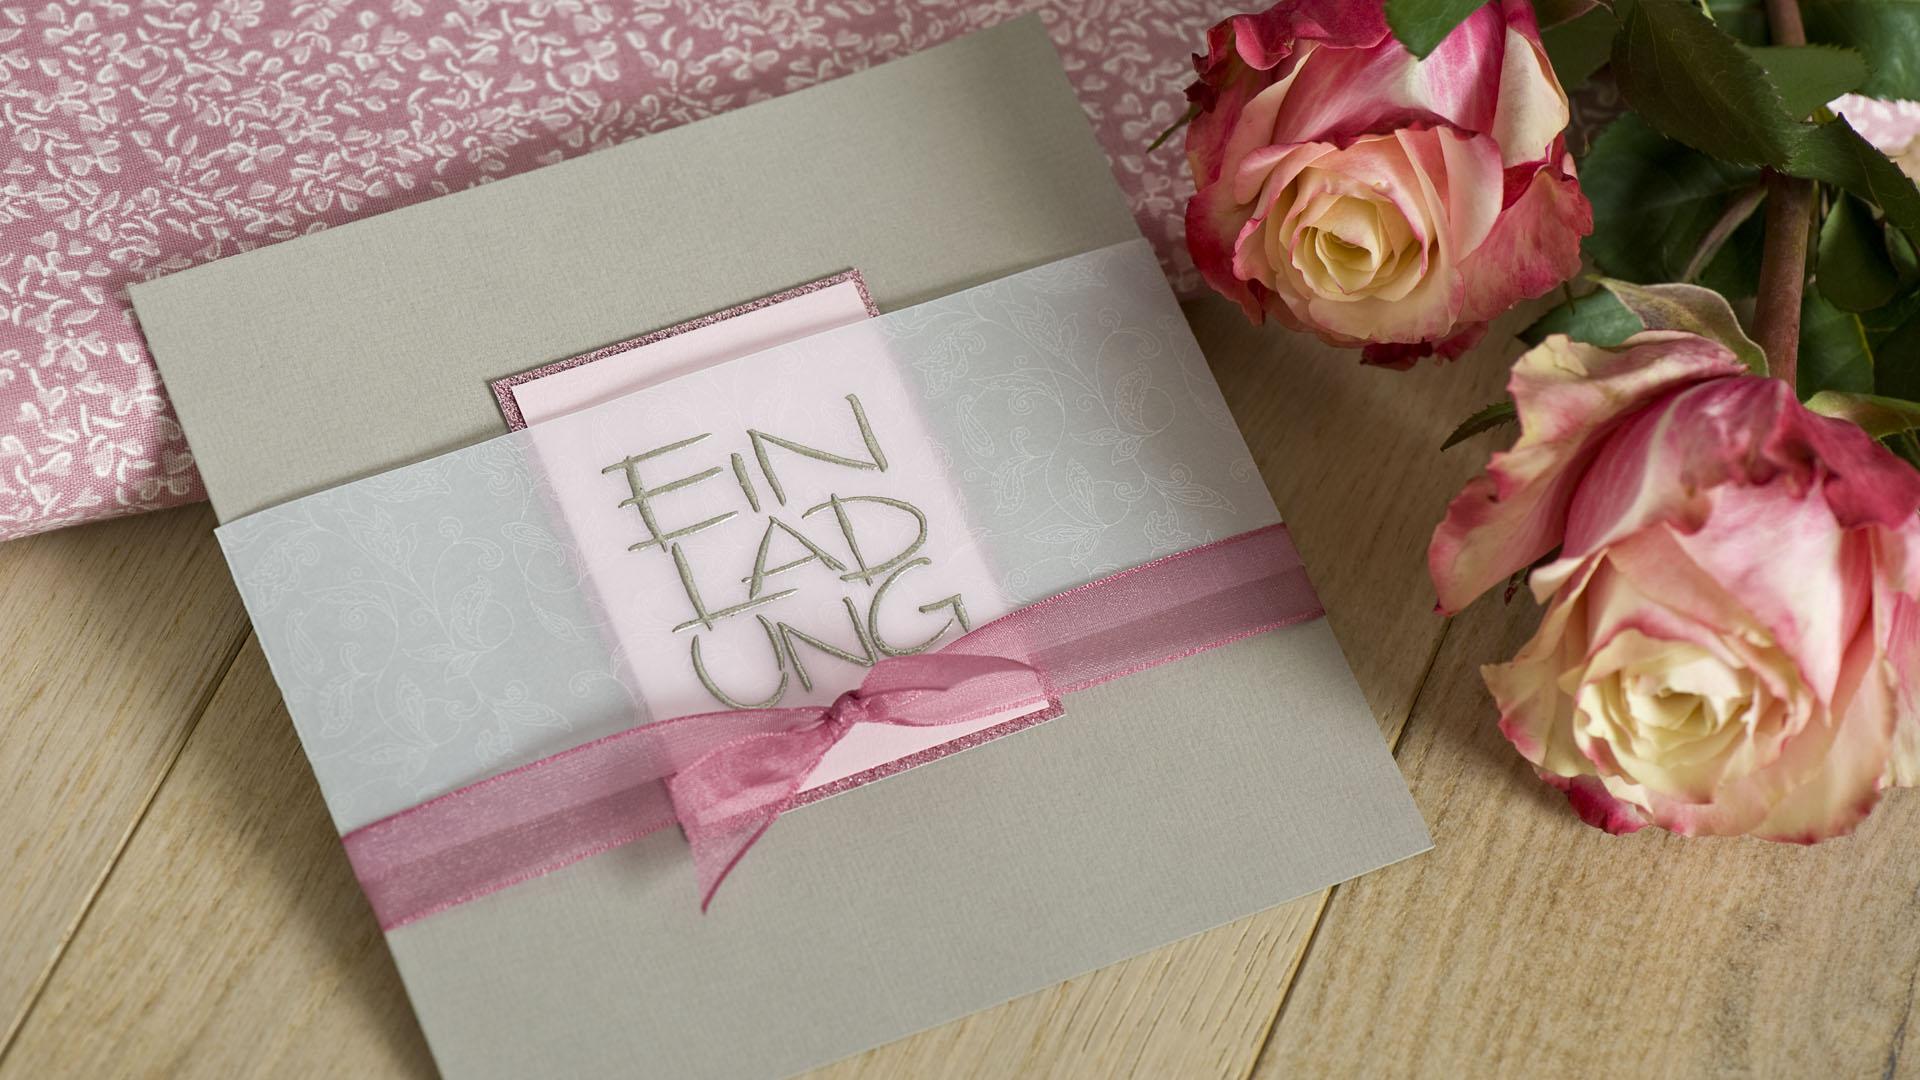 Ideen für Geburtstage: Rosig und fein | Einladung in Taupe und Rosé mit feinem Muster und glitzerndem Akzent